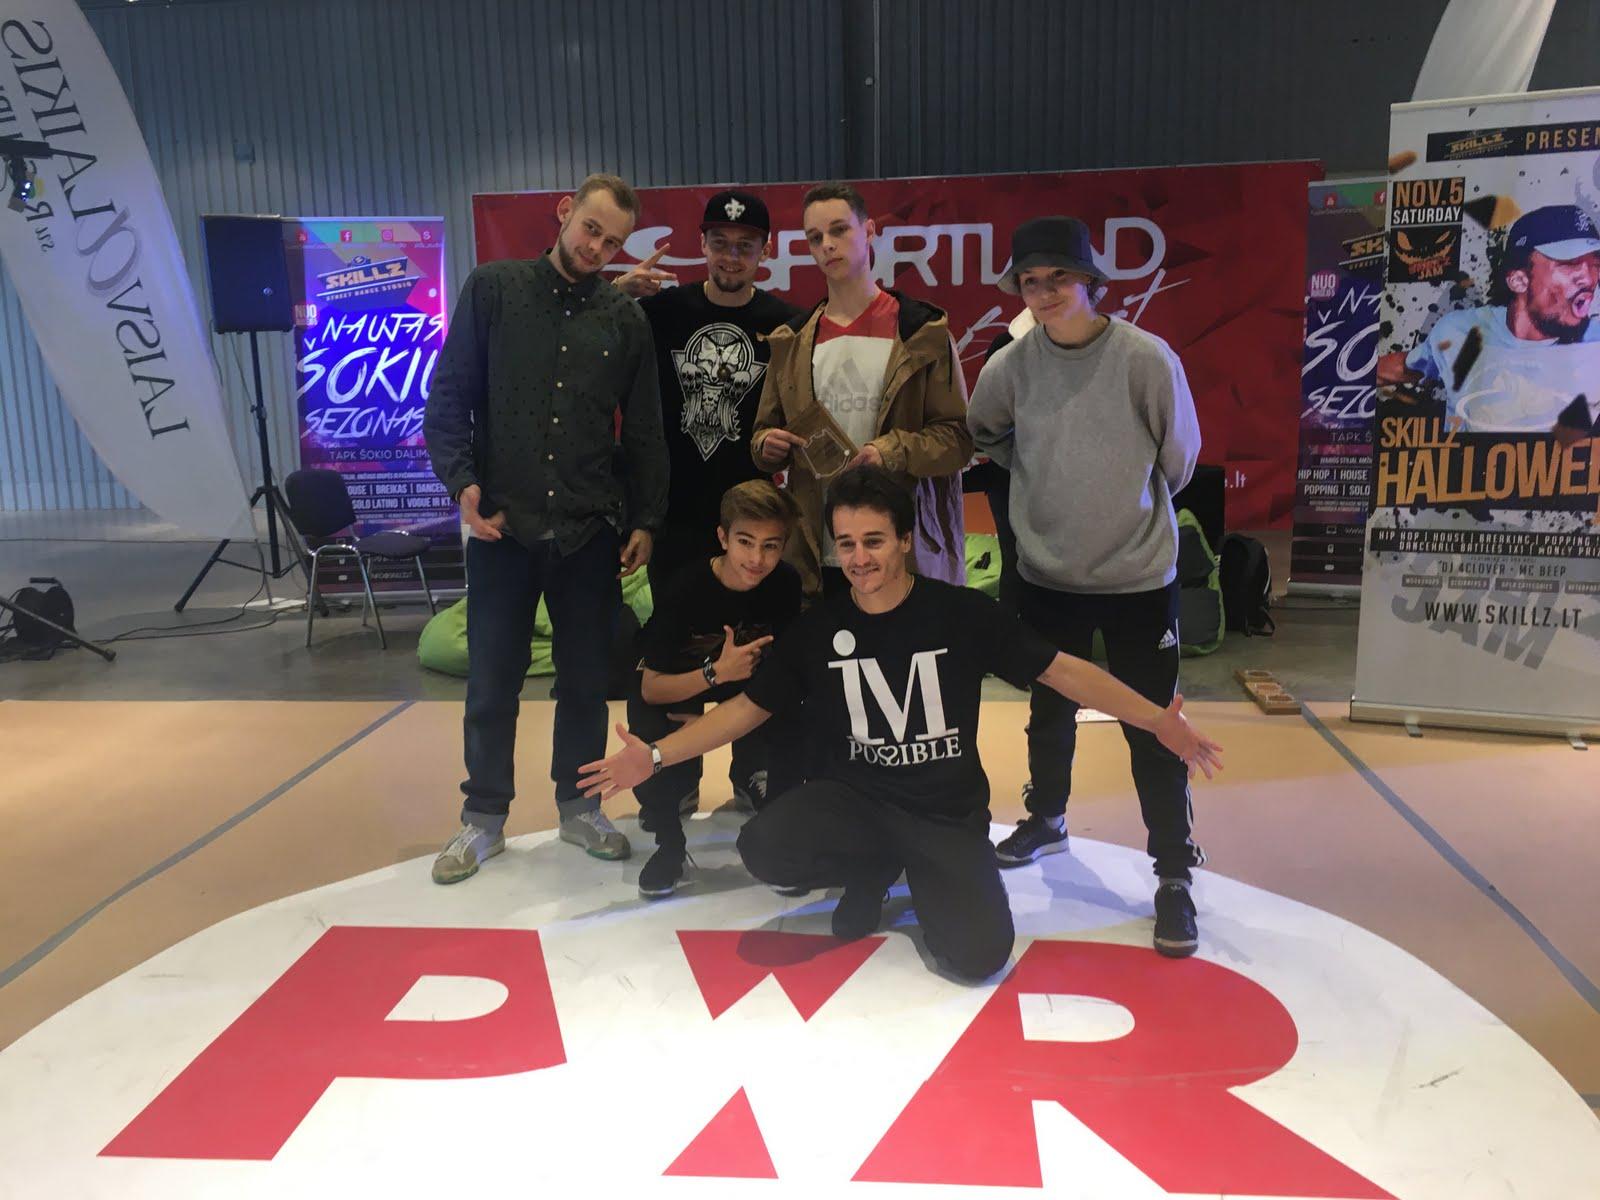 PHR Dance battles Vilniaus festivalis - IMG_7027.JPG